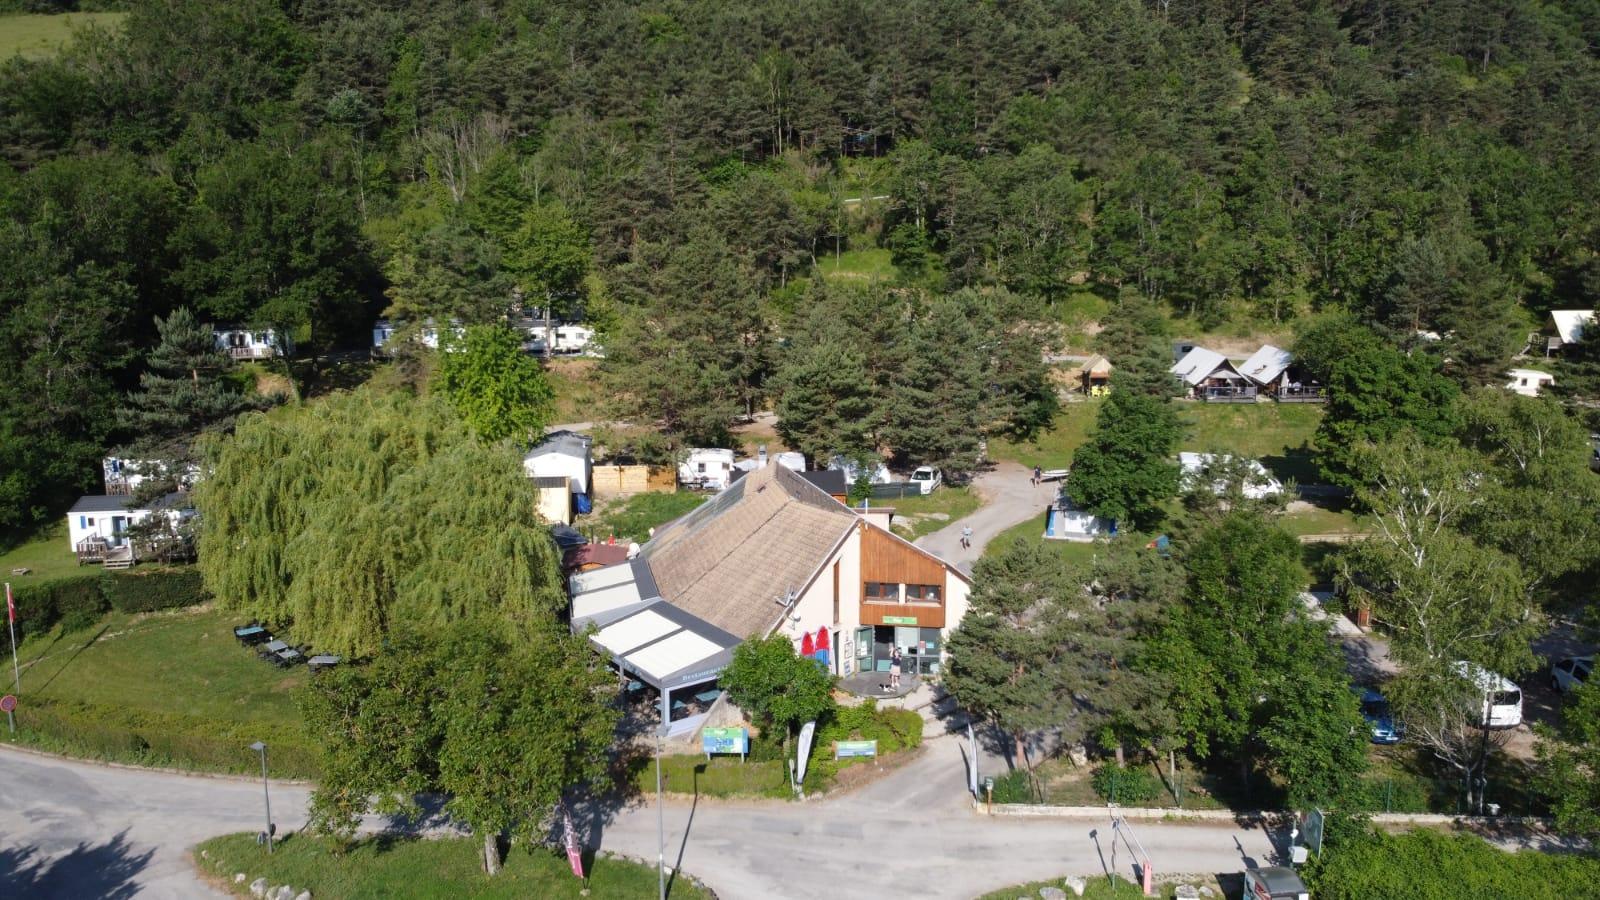 Camping de la Plage, Treffort, Isère